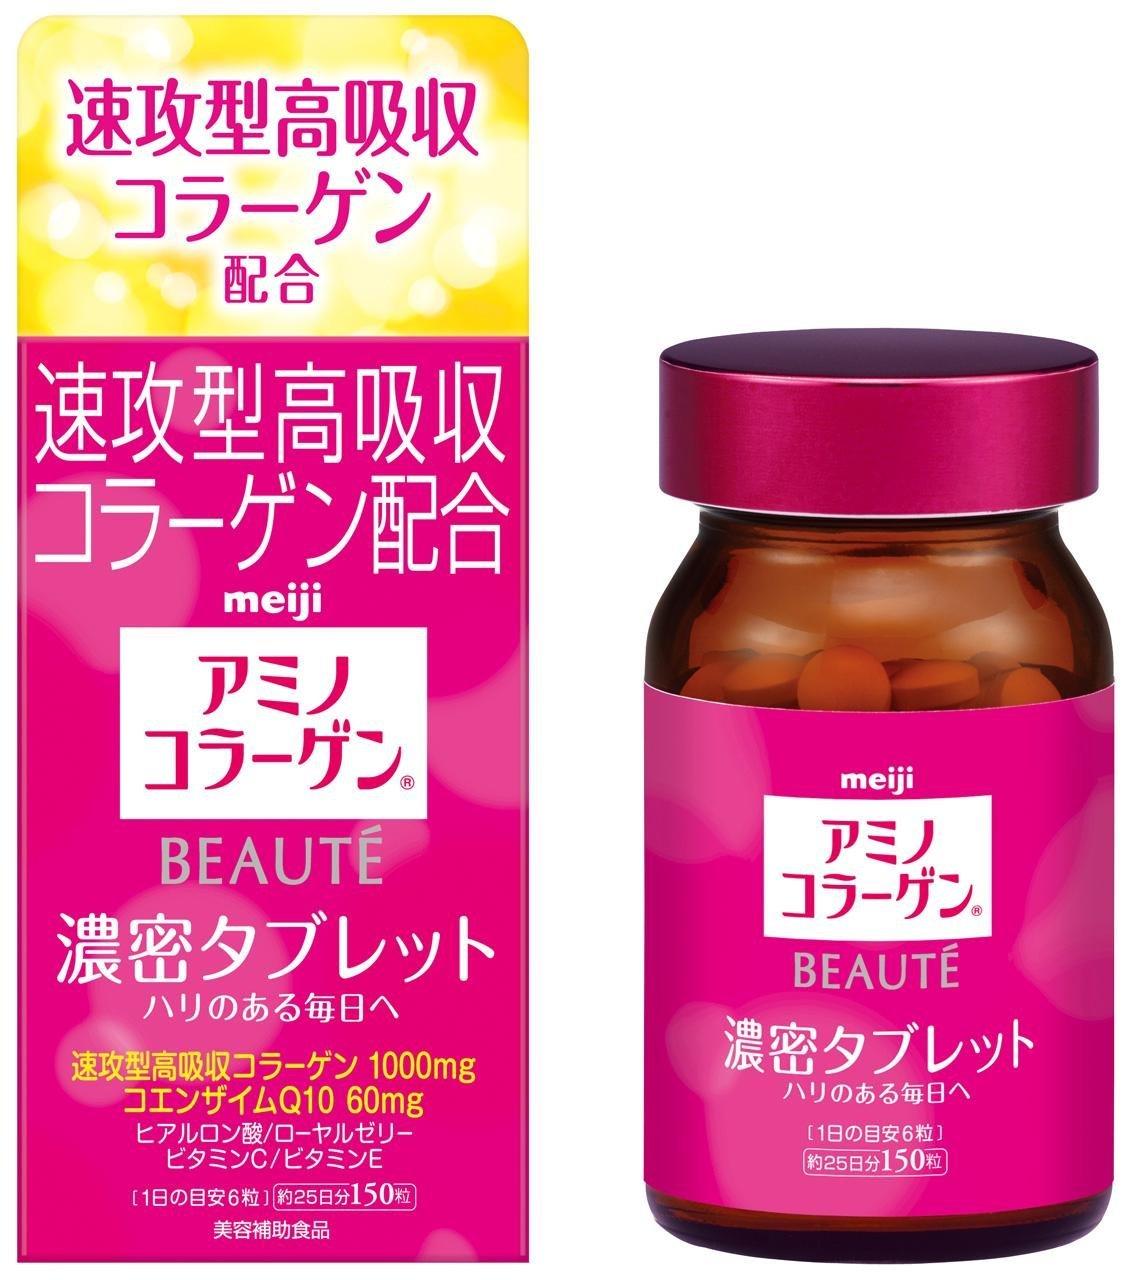 Meiji The Collagen Beaute có dạng viên nén chứa hàm lượng collagen lên đến 1000mg